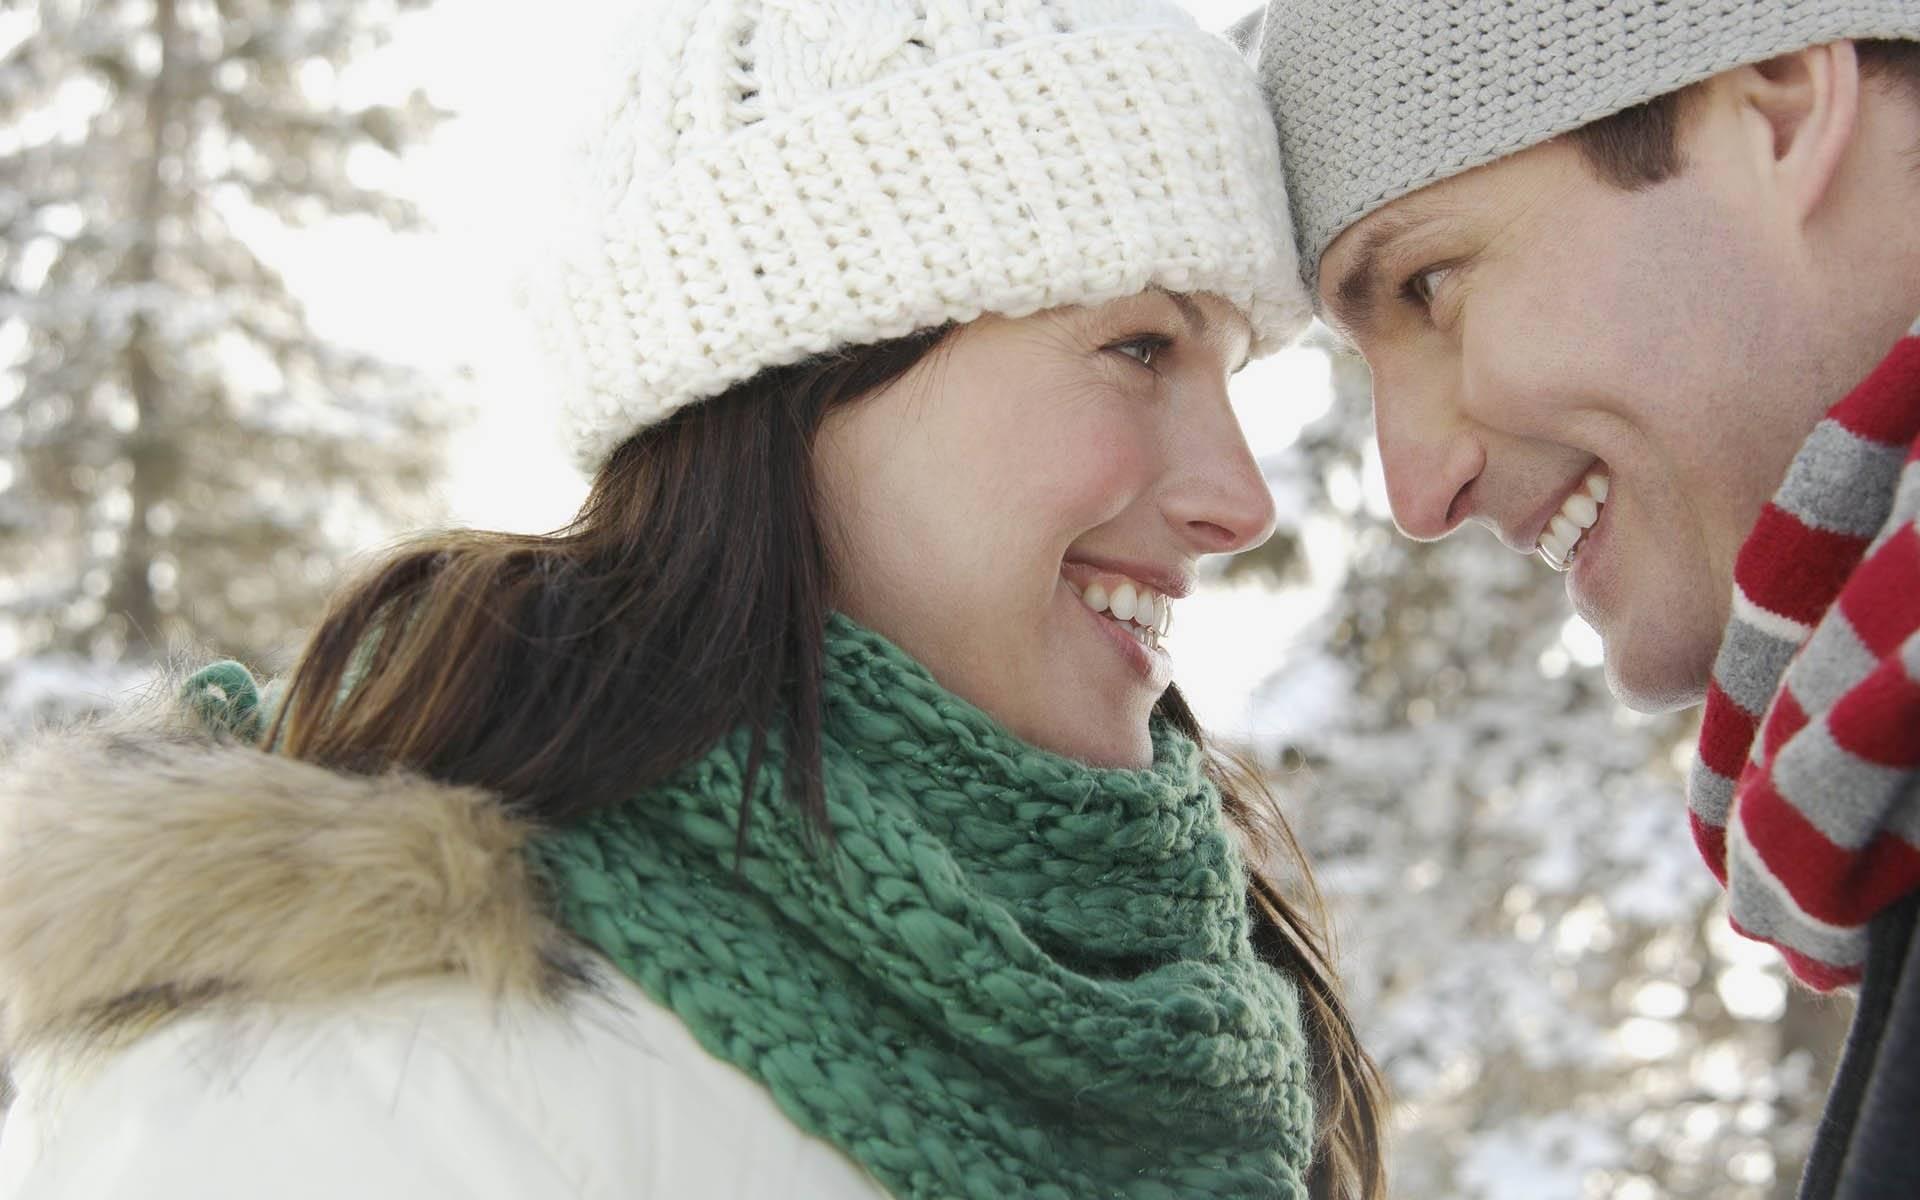 Психология: женские знаки внимания - бесплатные статьи по психологии в доме солнца